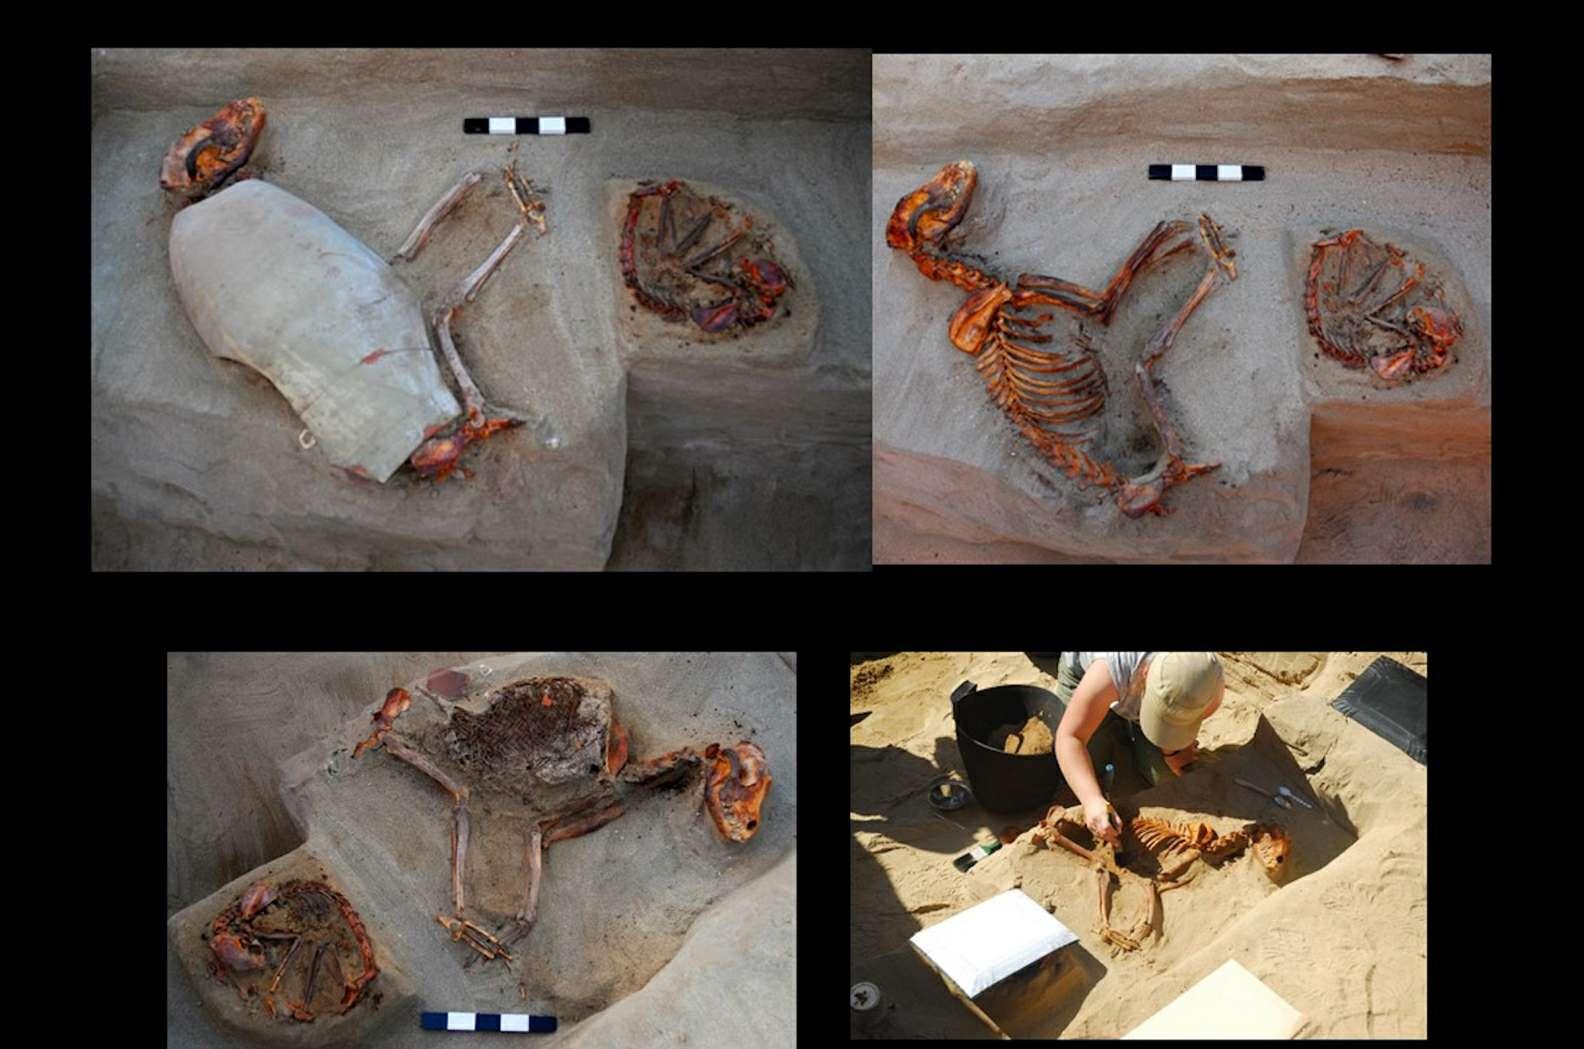 Αυτά τα αρχαία αιγυπτιακά σκυλιά θάφτηκαν σε κεραμικά αγγεία.